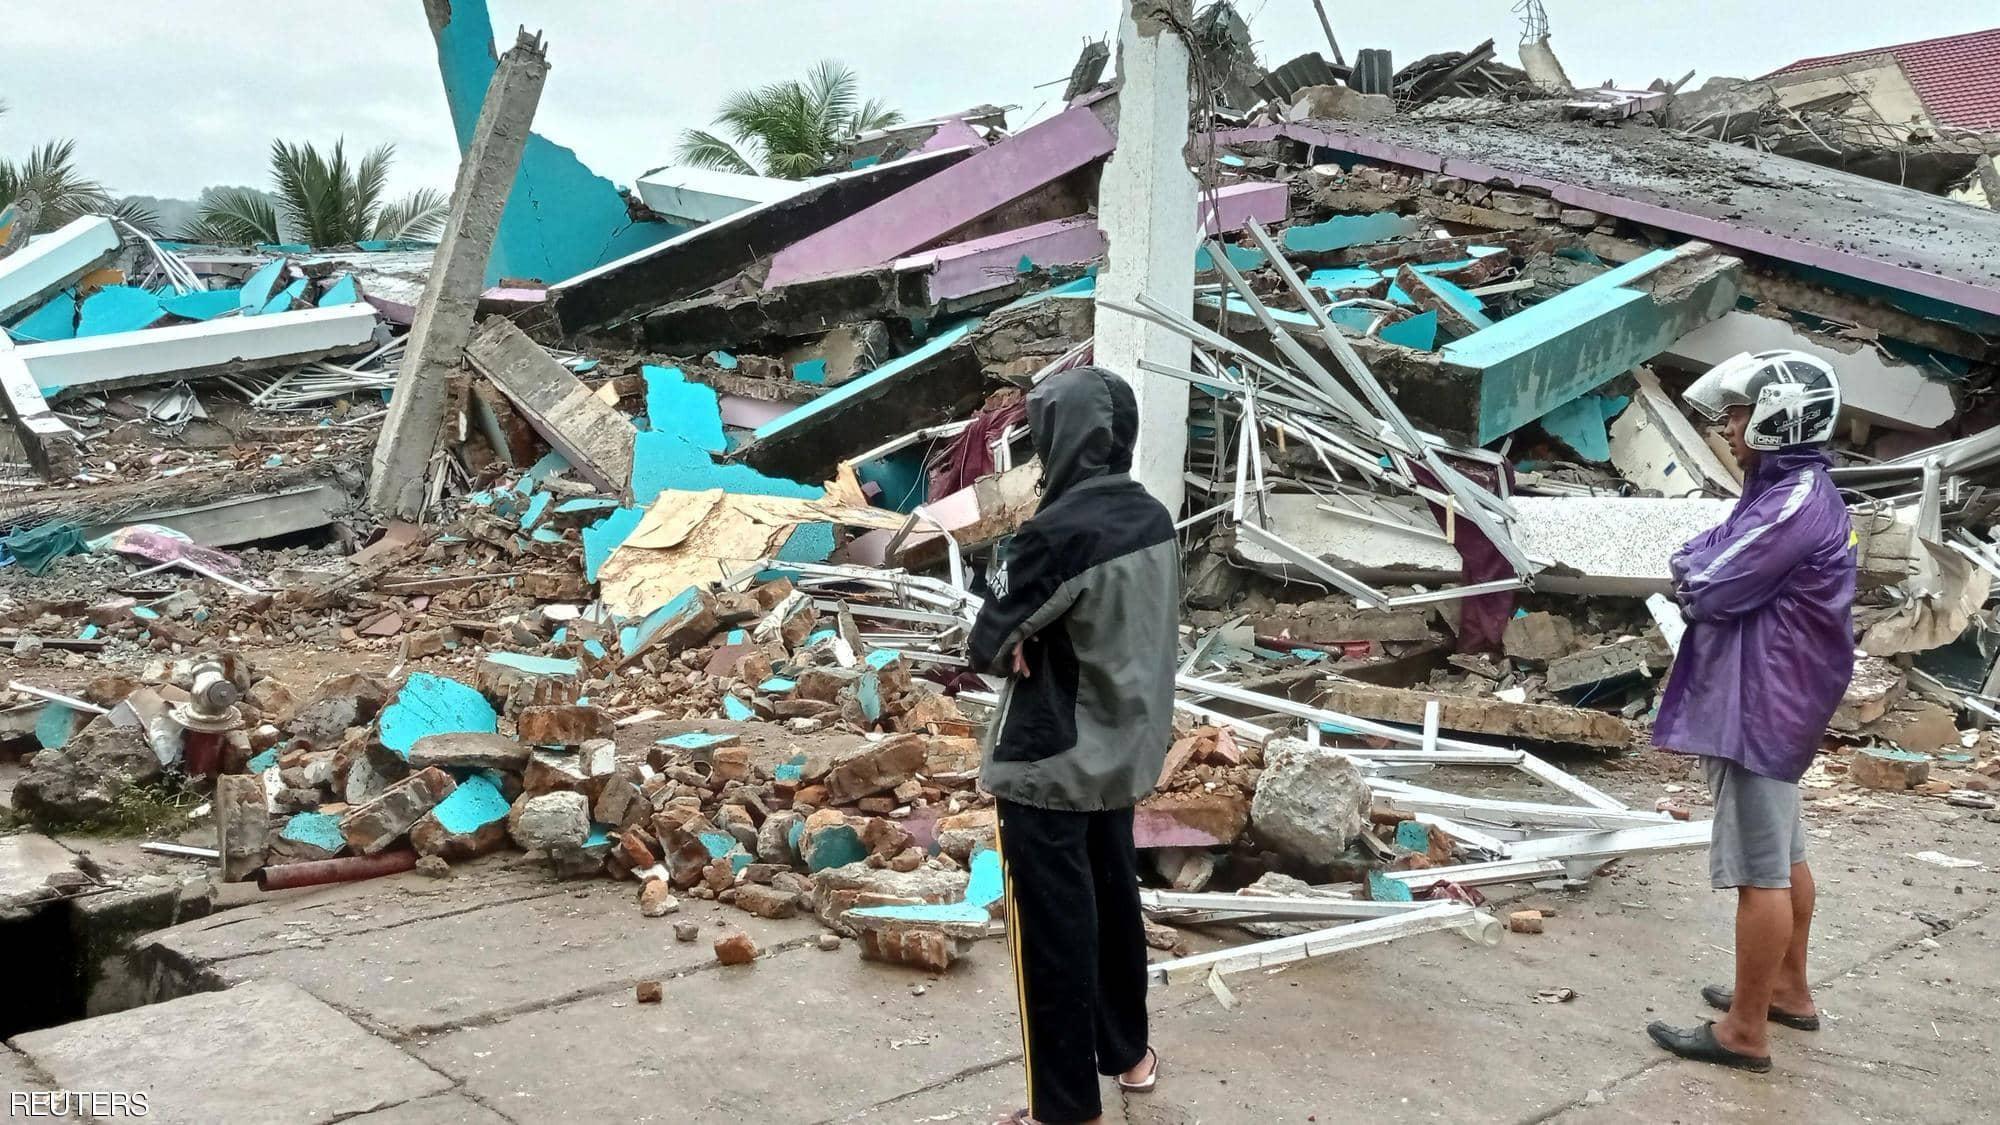 إندونيسيا تقع ضمن الحزام الناري المعرض للزلازل بكثرة